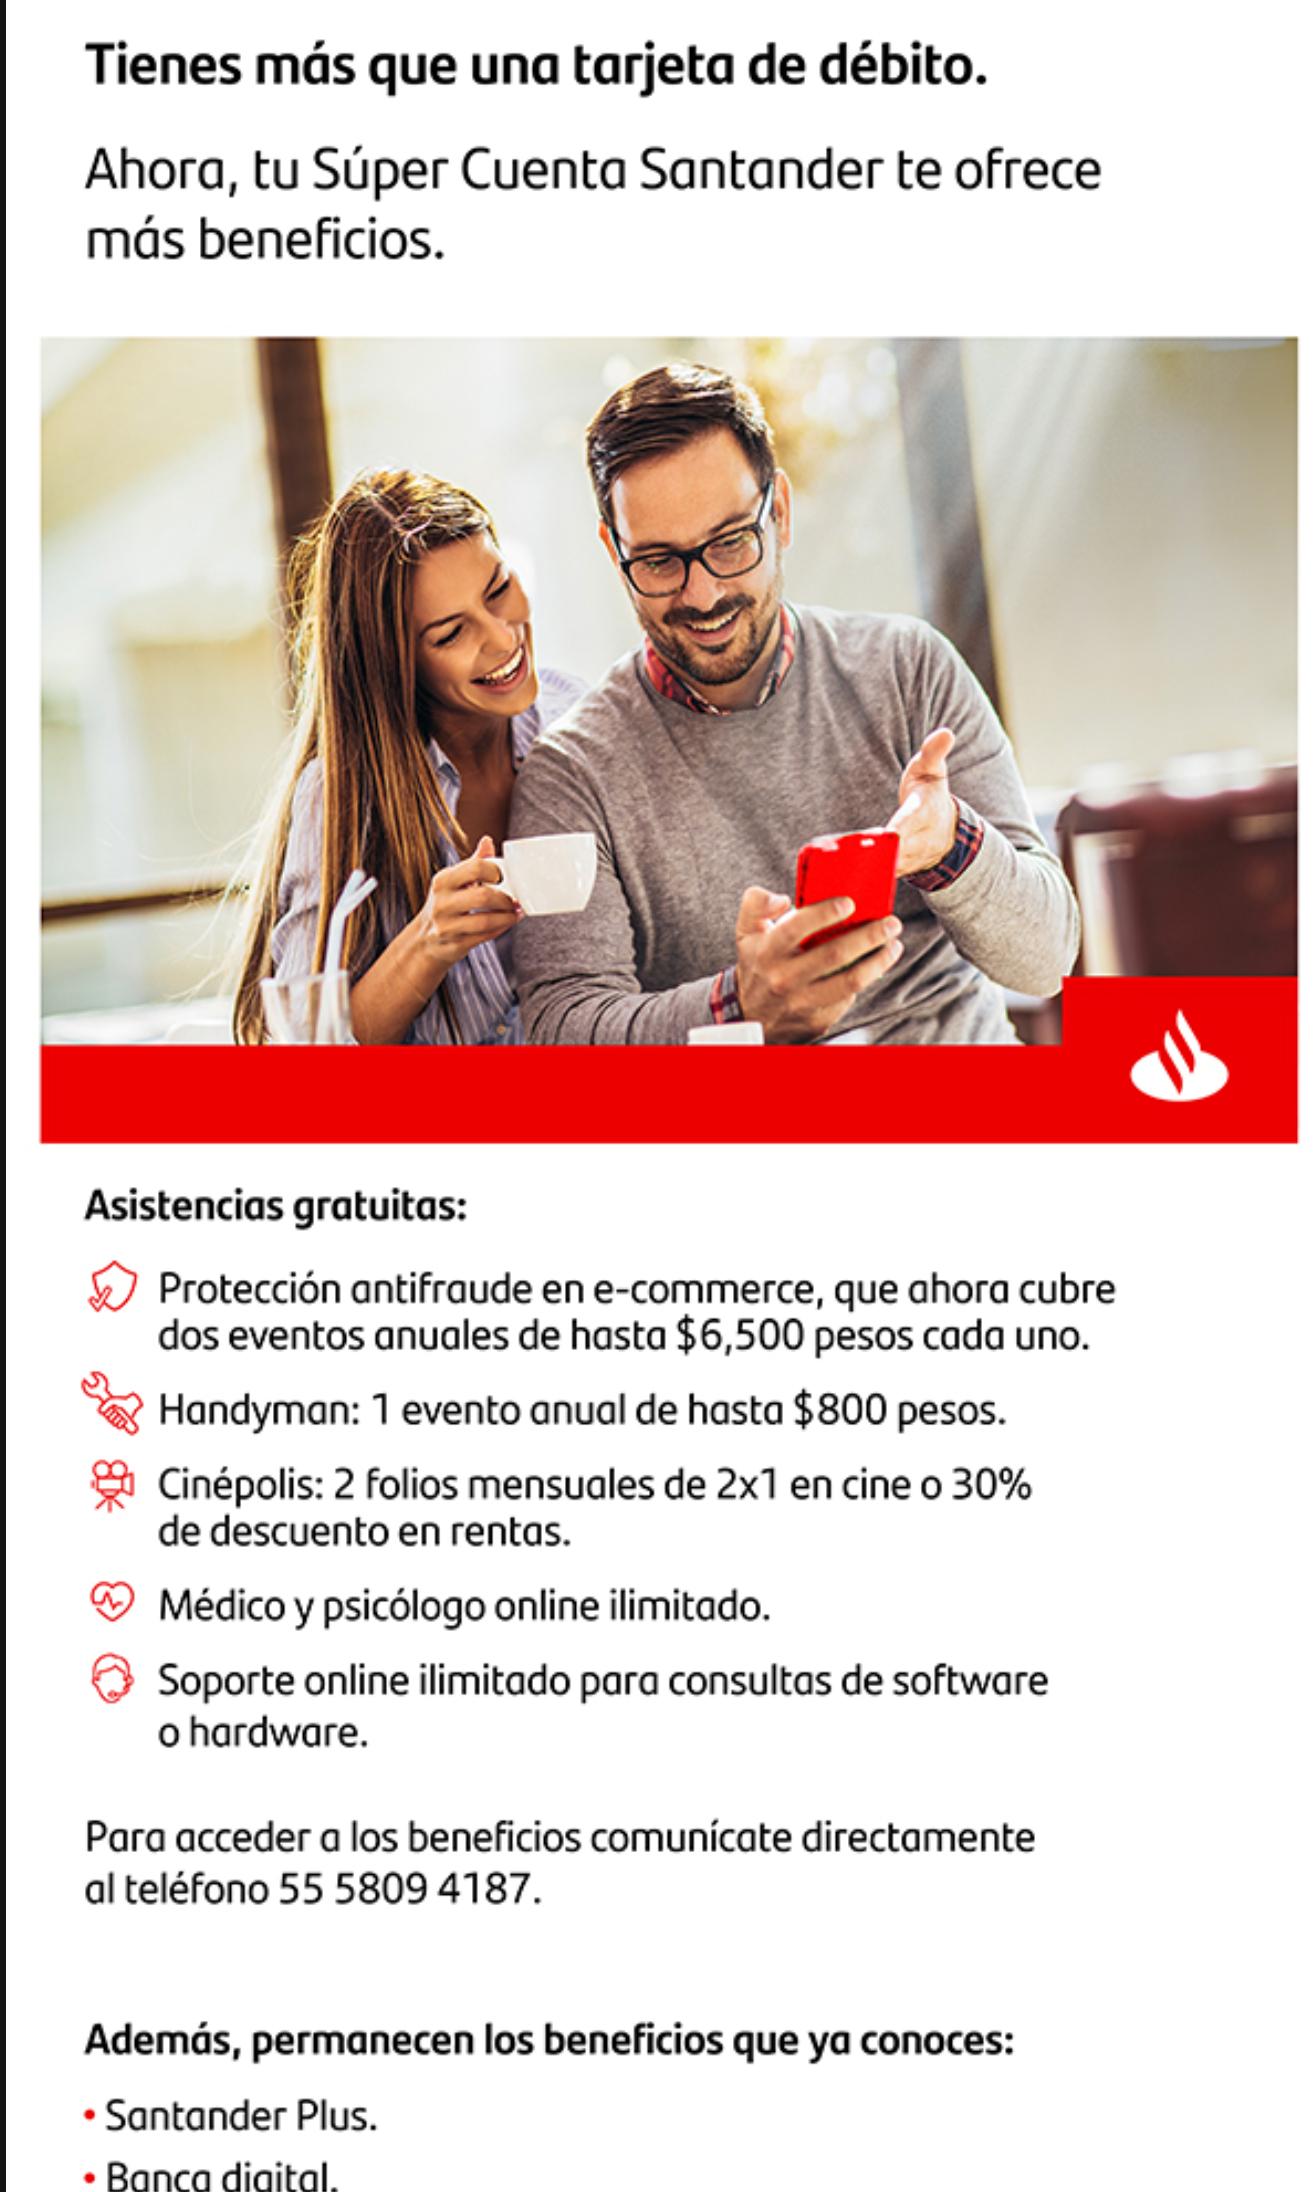 Nuevos beneficios para algunas tarjetas de débito Santander